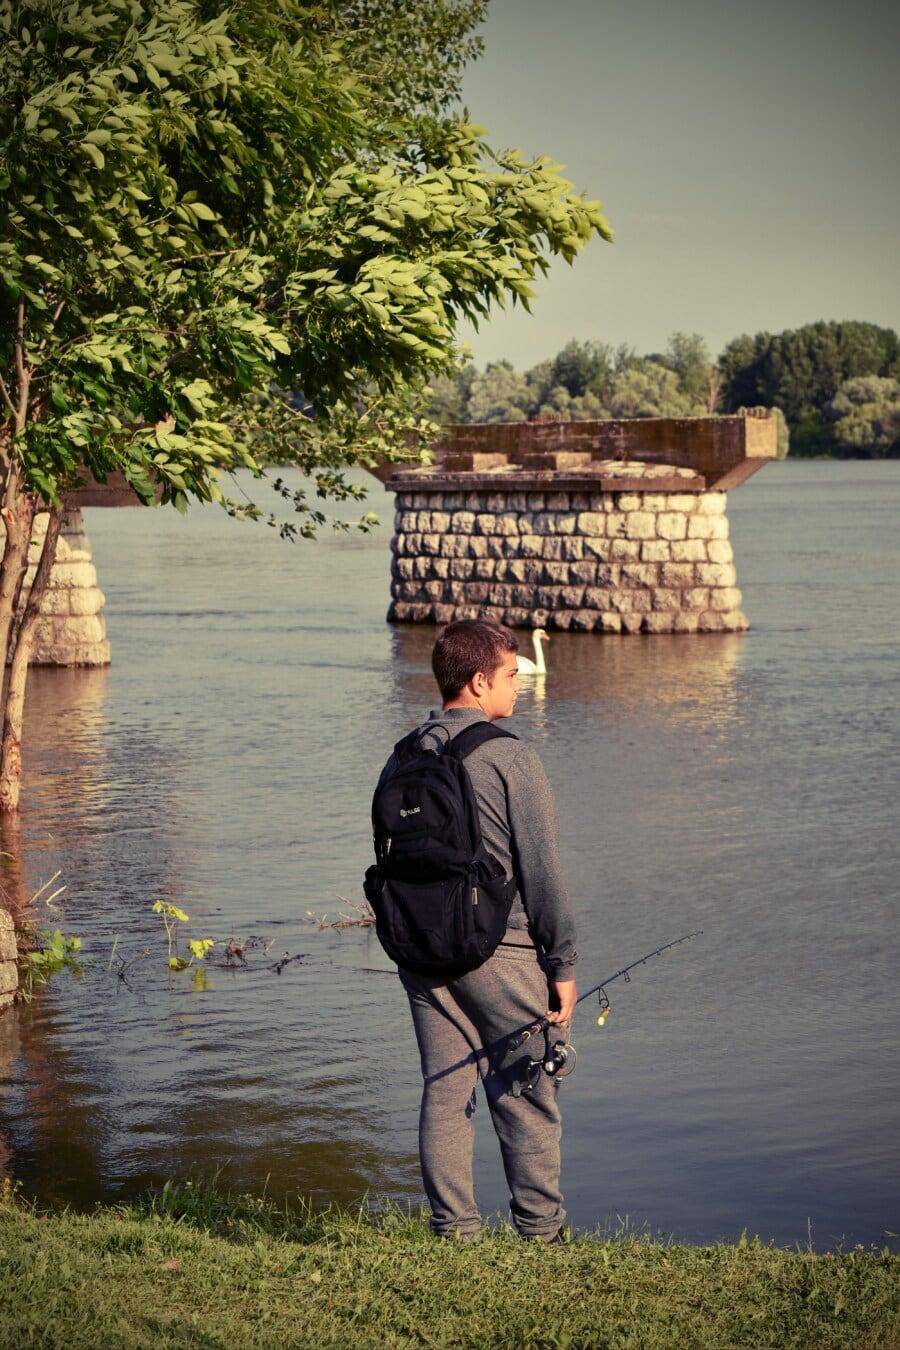 mladý, chlapec, Rybolov, rybár, breh rieky, voda, Rekreácia, jazero, muž, Voľný čas